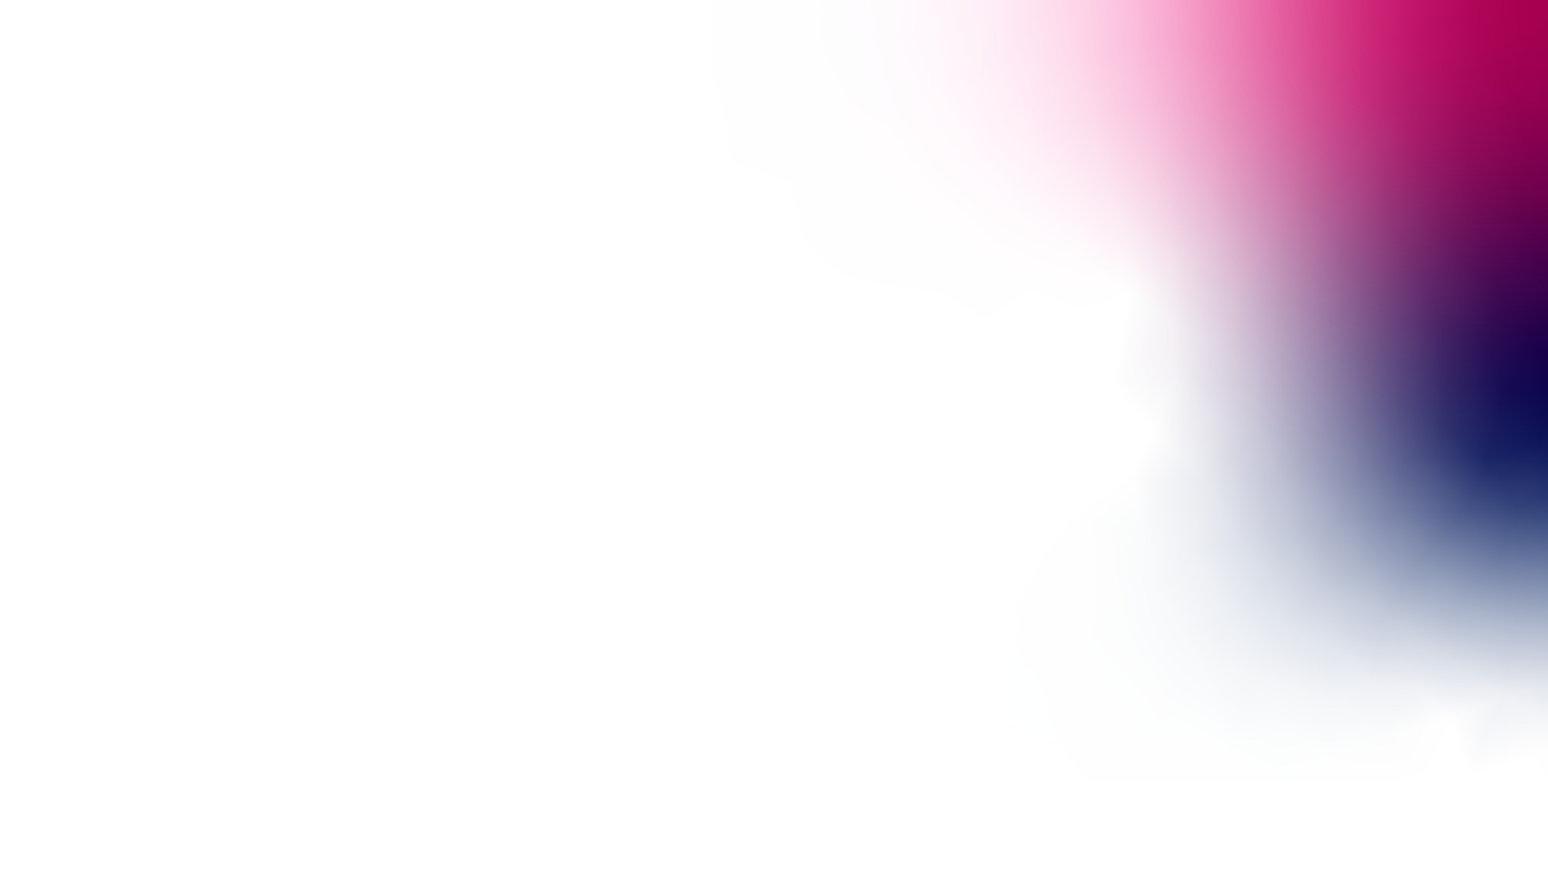 Mind_gradient_1.jpg